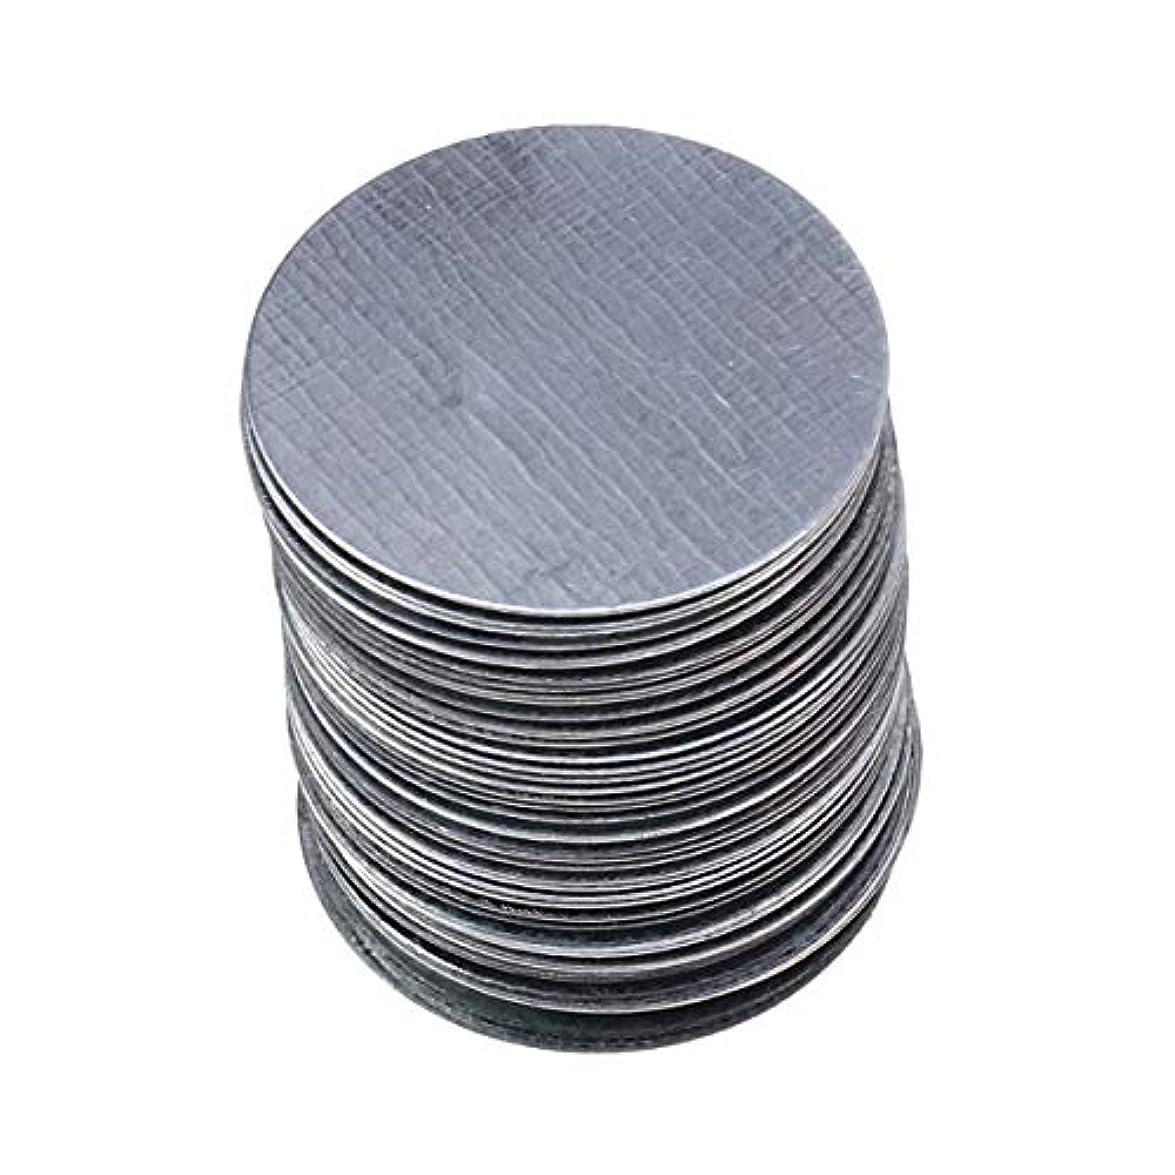 一緒ヒップ郵便局Lurrose 非磁気アイシャドウパンメイクアップパレットの使用のための100ピースラウンド金属ステッカー